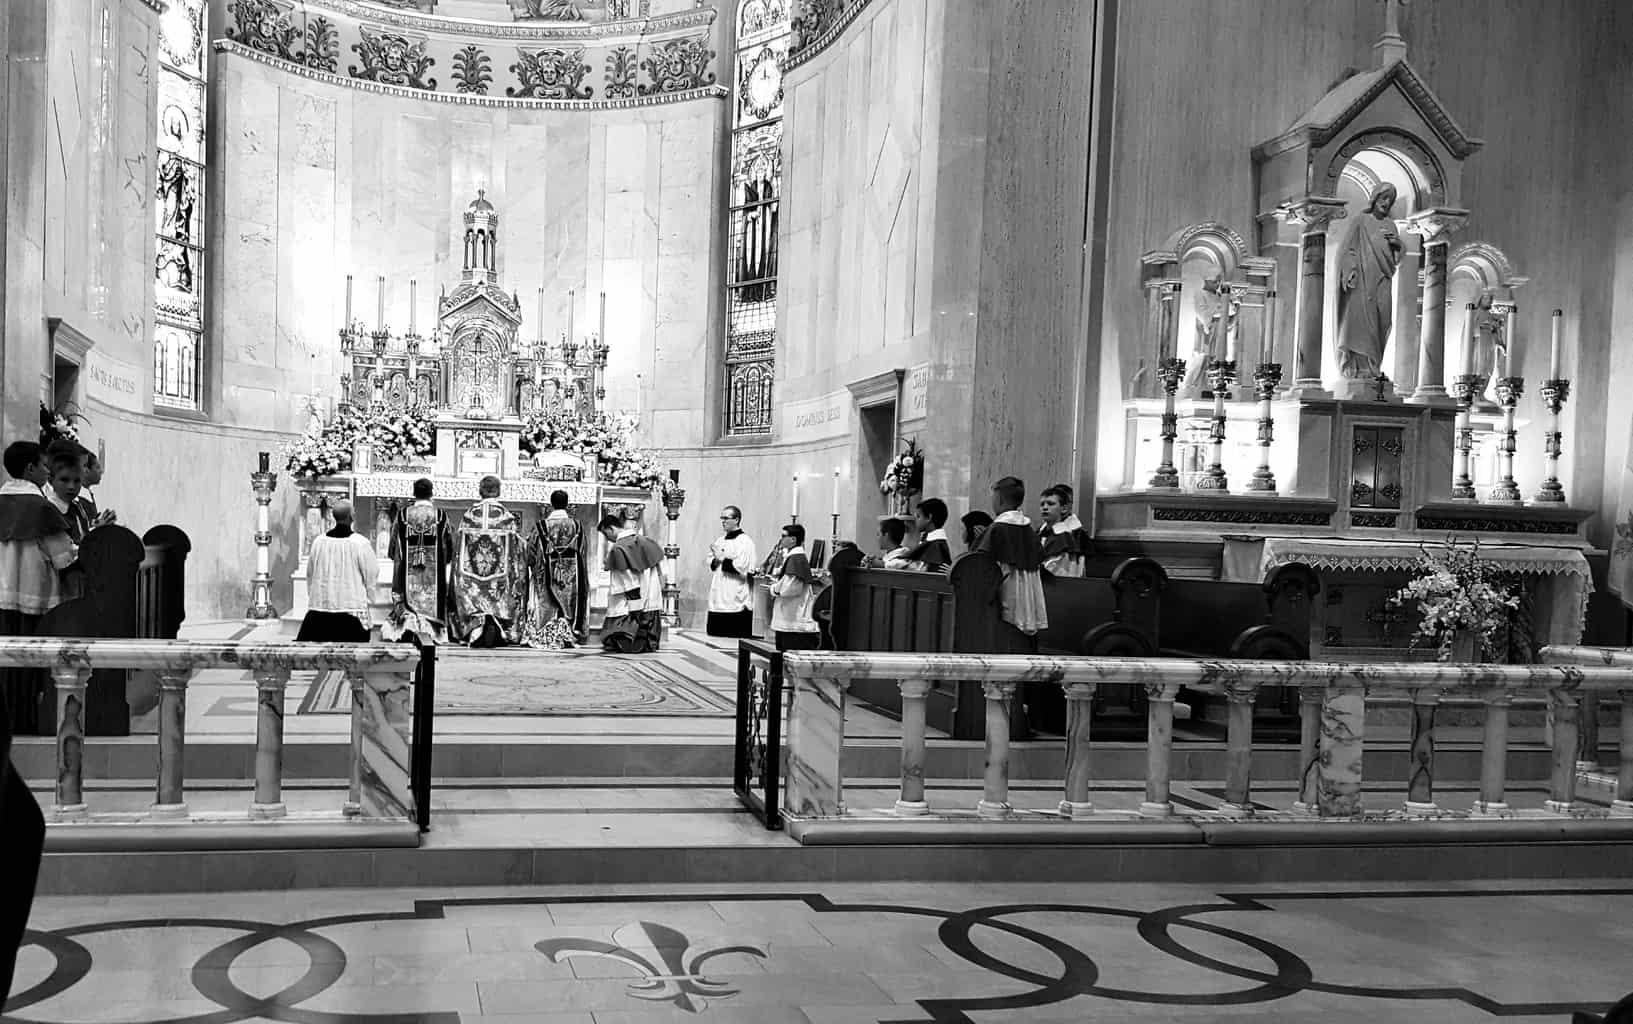 Status Quo or Something Different? - Cream City Catholic